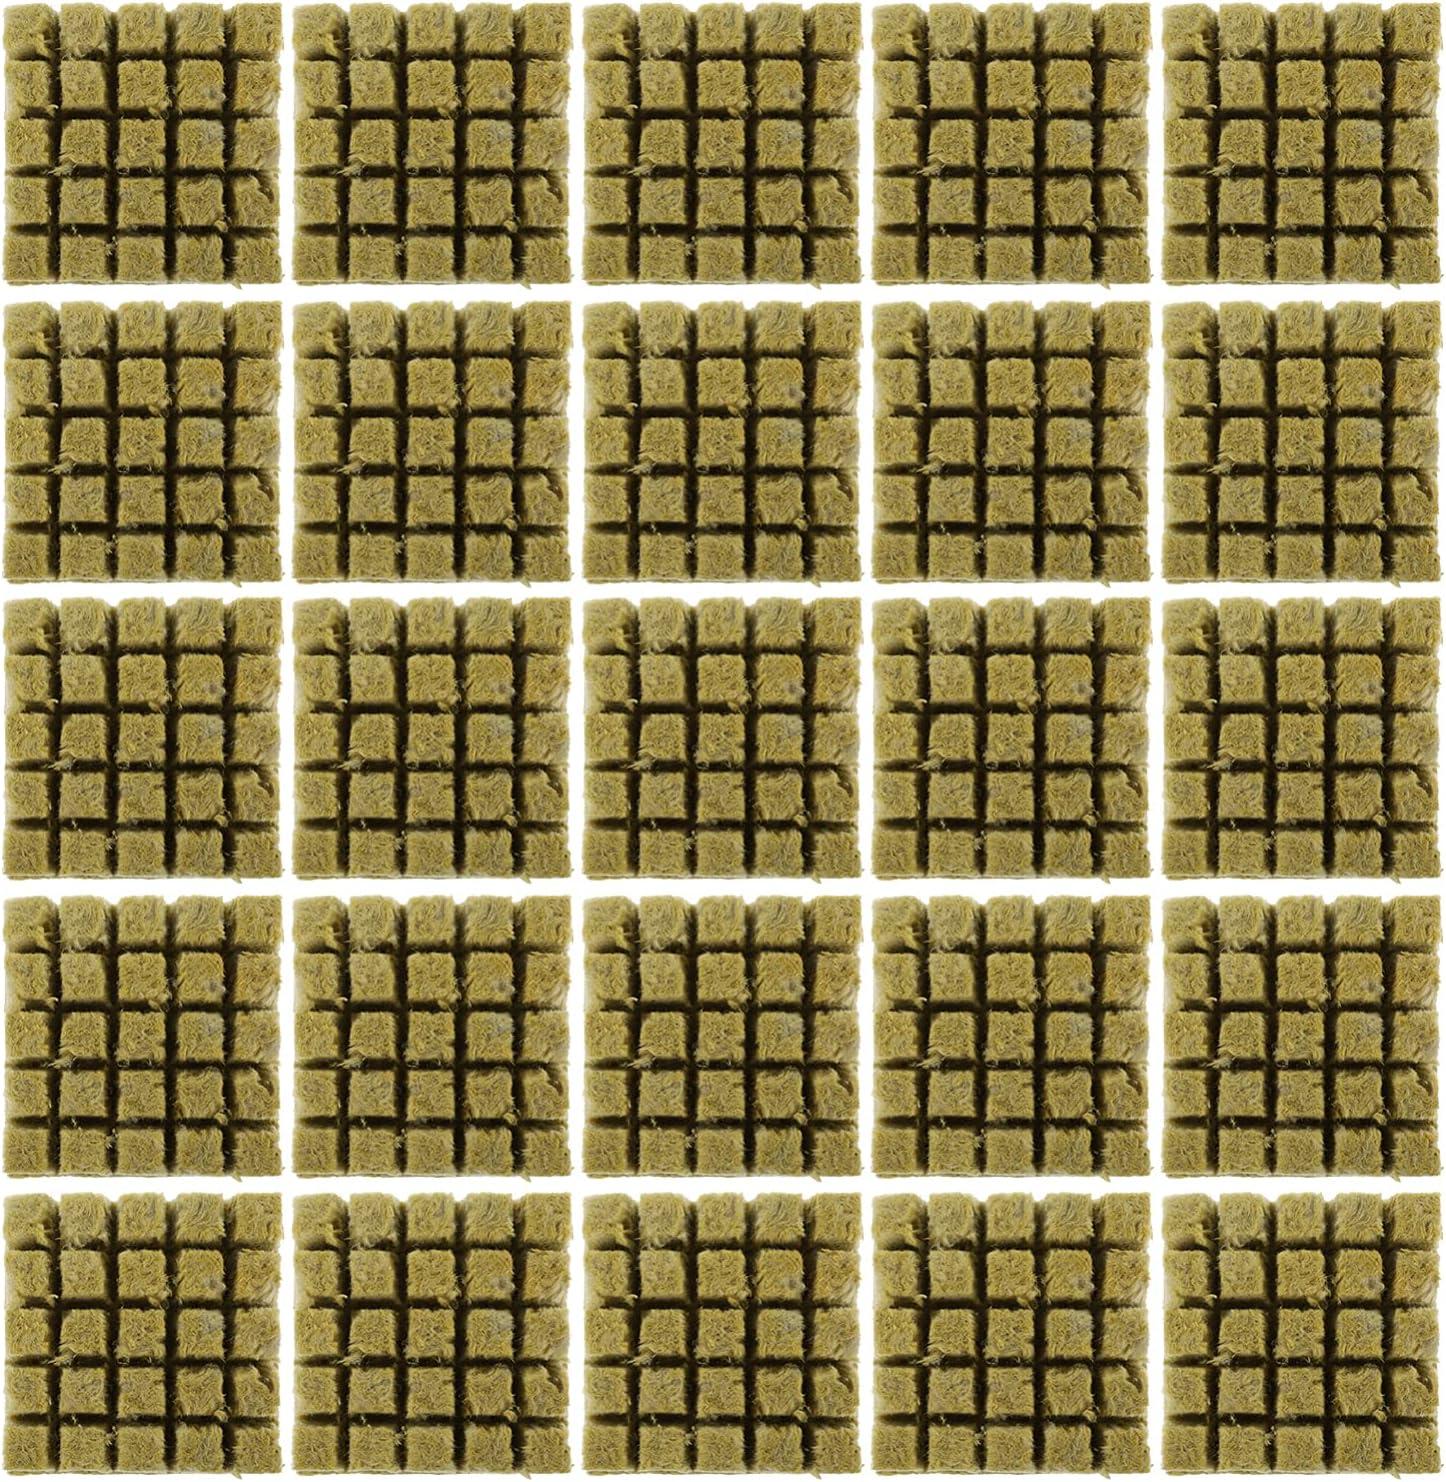 Cabilock 25 Uds. Cubos de Cultivo de Lana Mineral Tapones para El Crecimiento de Plantas Medios de Cultivo Hidropónico para Enraizar Esquejes Plantas de Clon Semillas de Inicio de